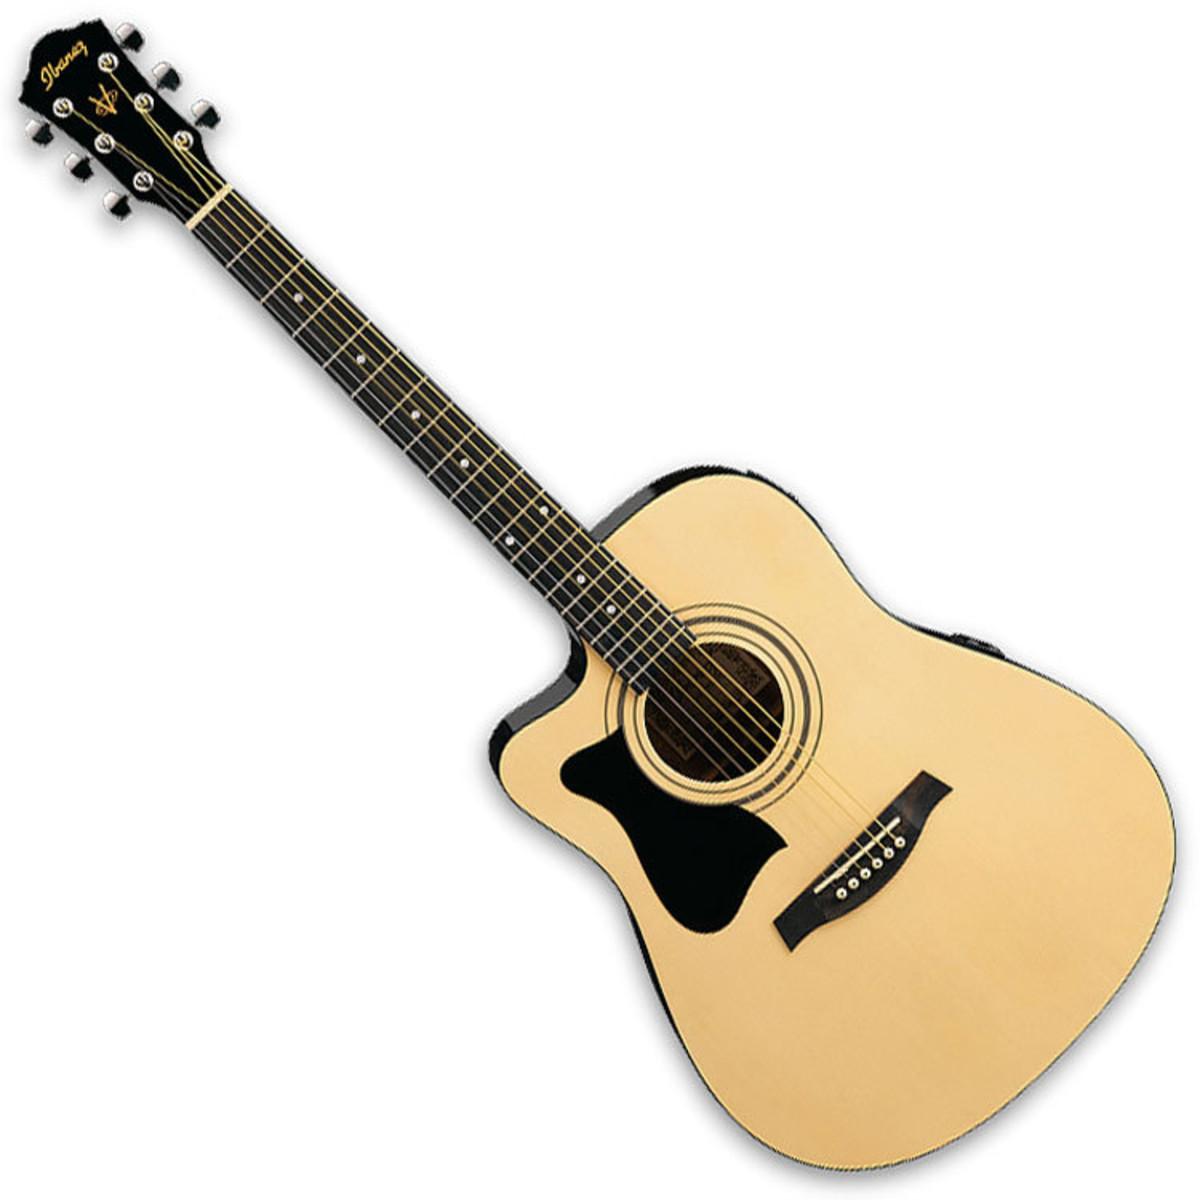 ibanez v72lece guitare lectro acoustique gaucher naturel. Black Bedroom Furniture Sets. Home Design Ideas